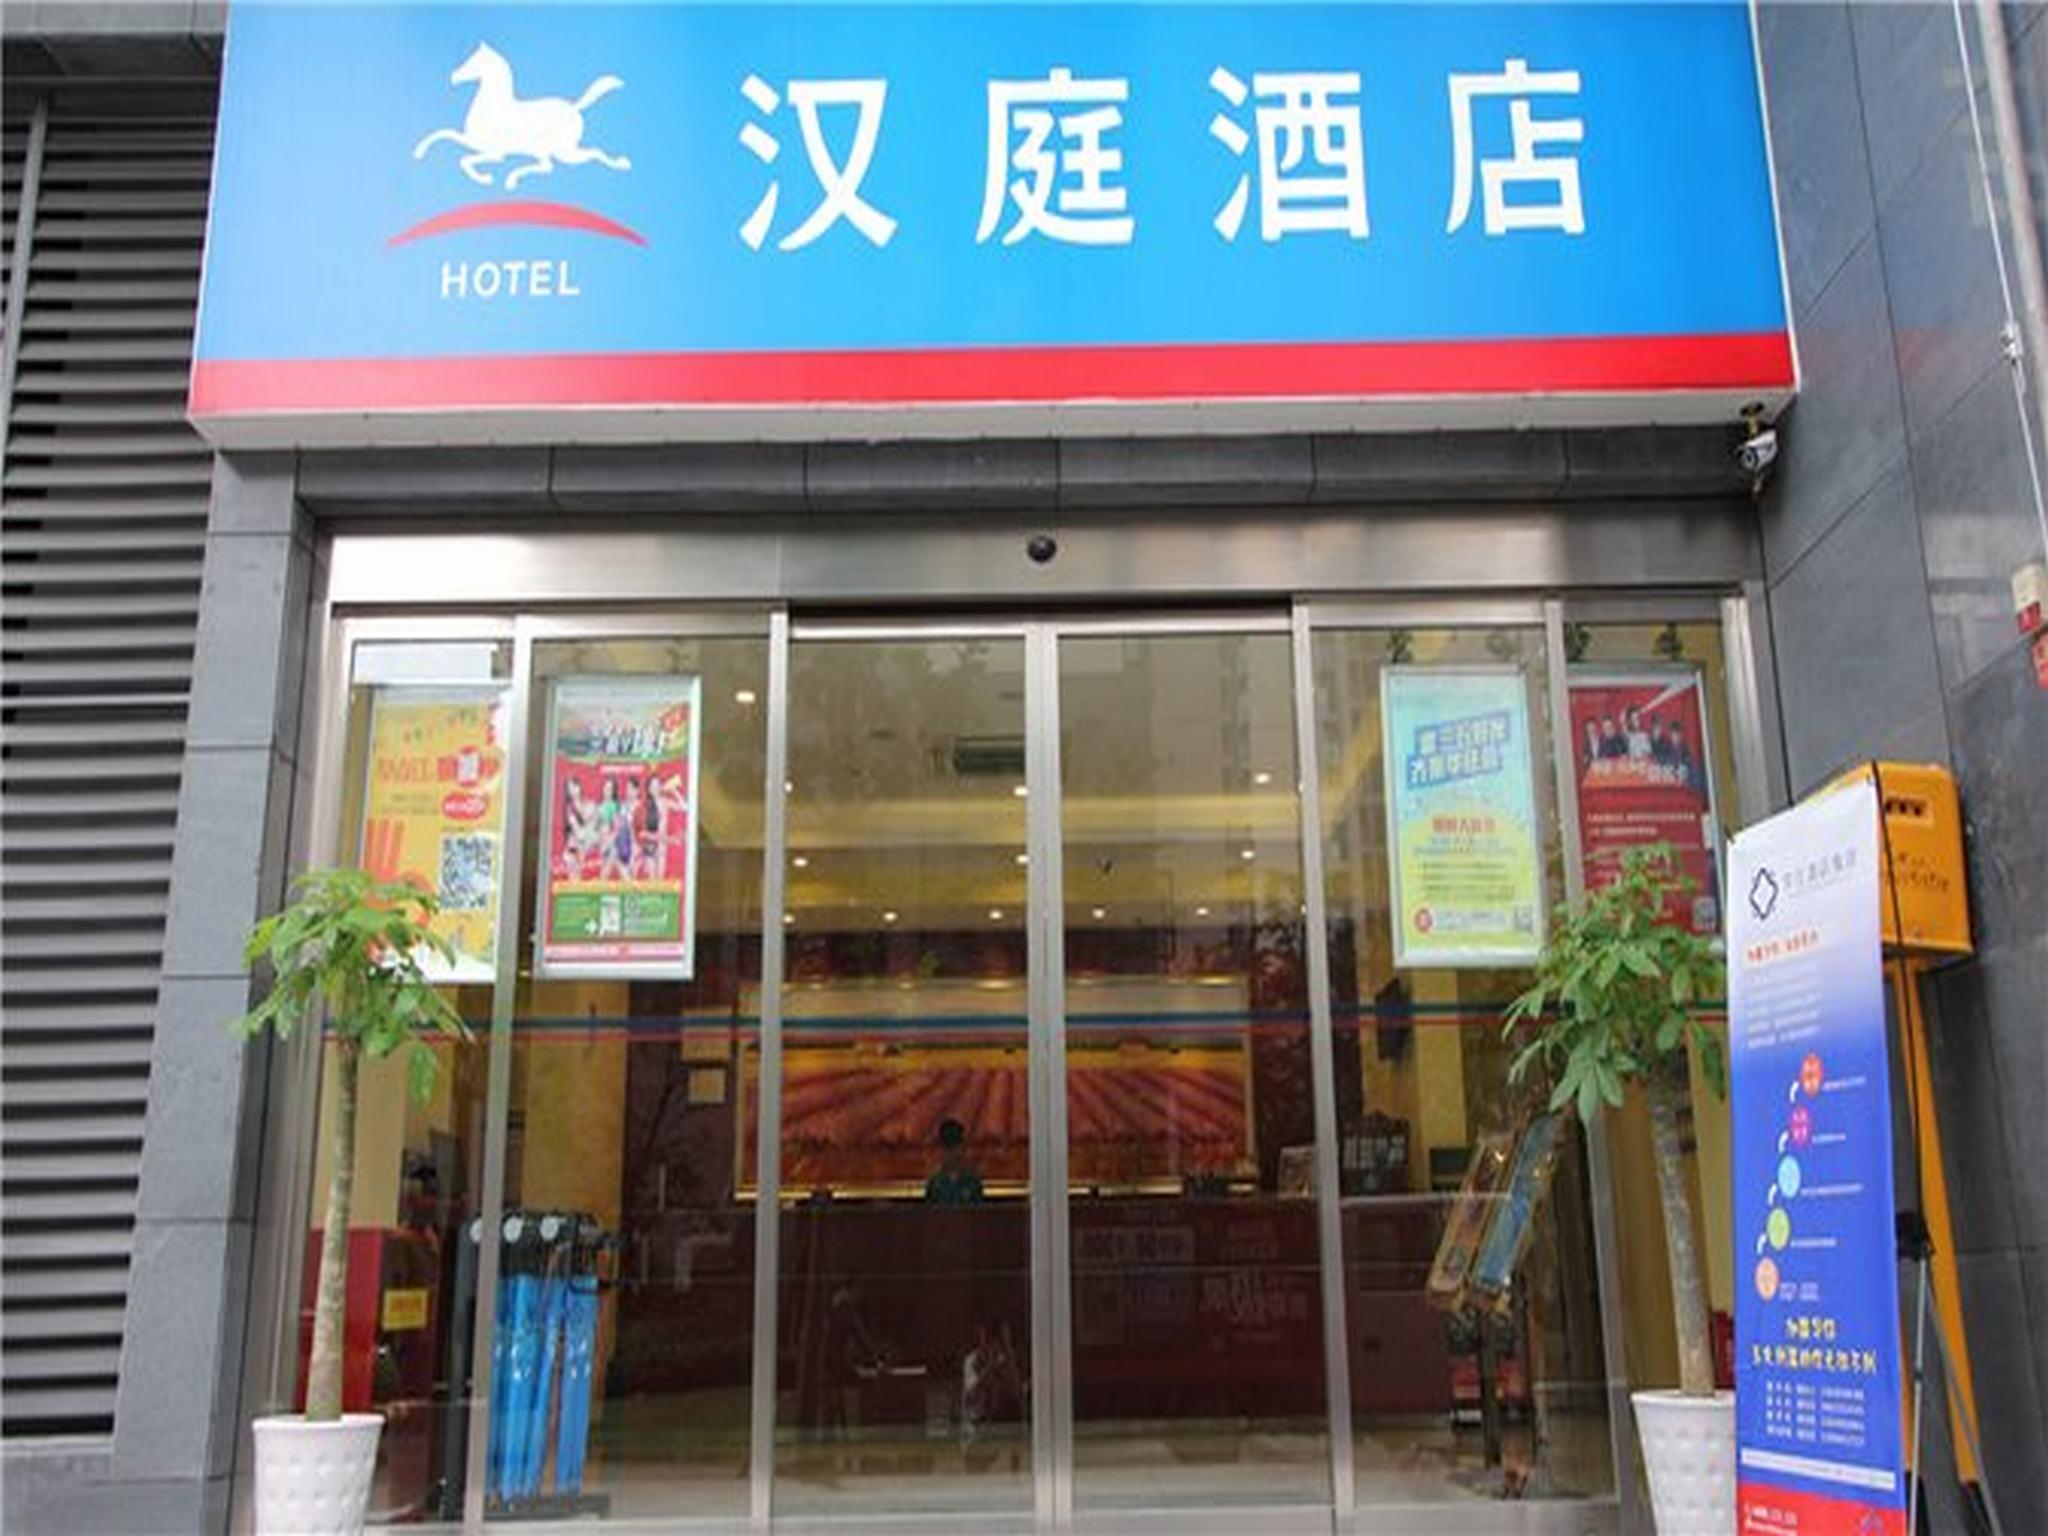 احجز في Hanting Universiy Town مع تجو ل احجز الآن بأفضل